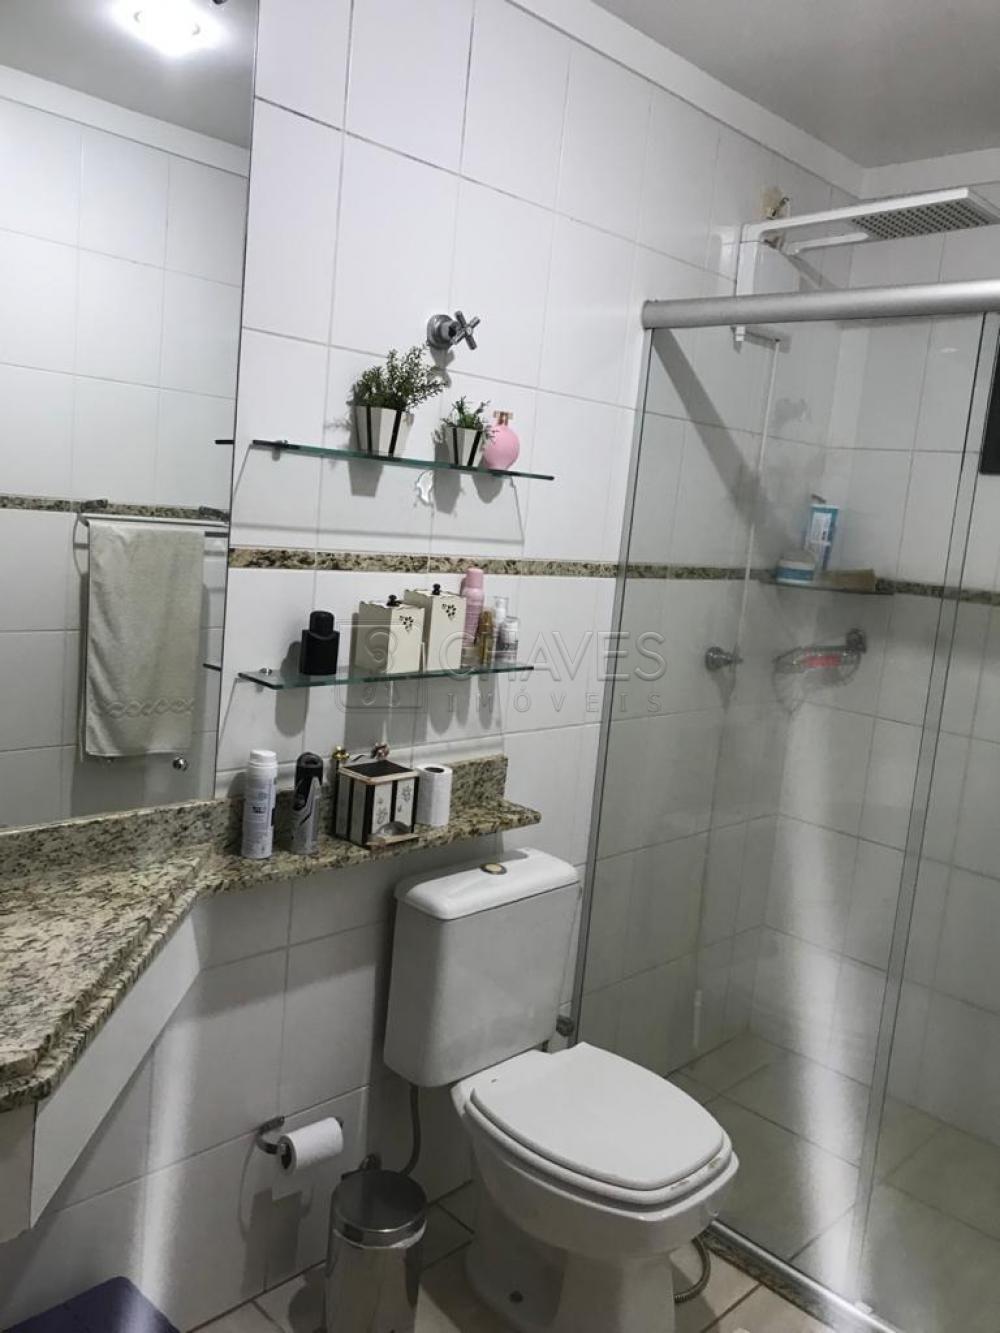 Comprar Apartamento / Padrão em Ribeirão Preto R$ 610.000,00 - Foto 11